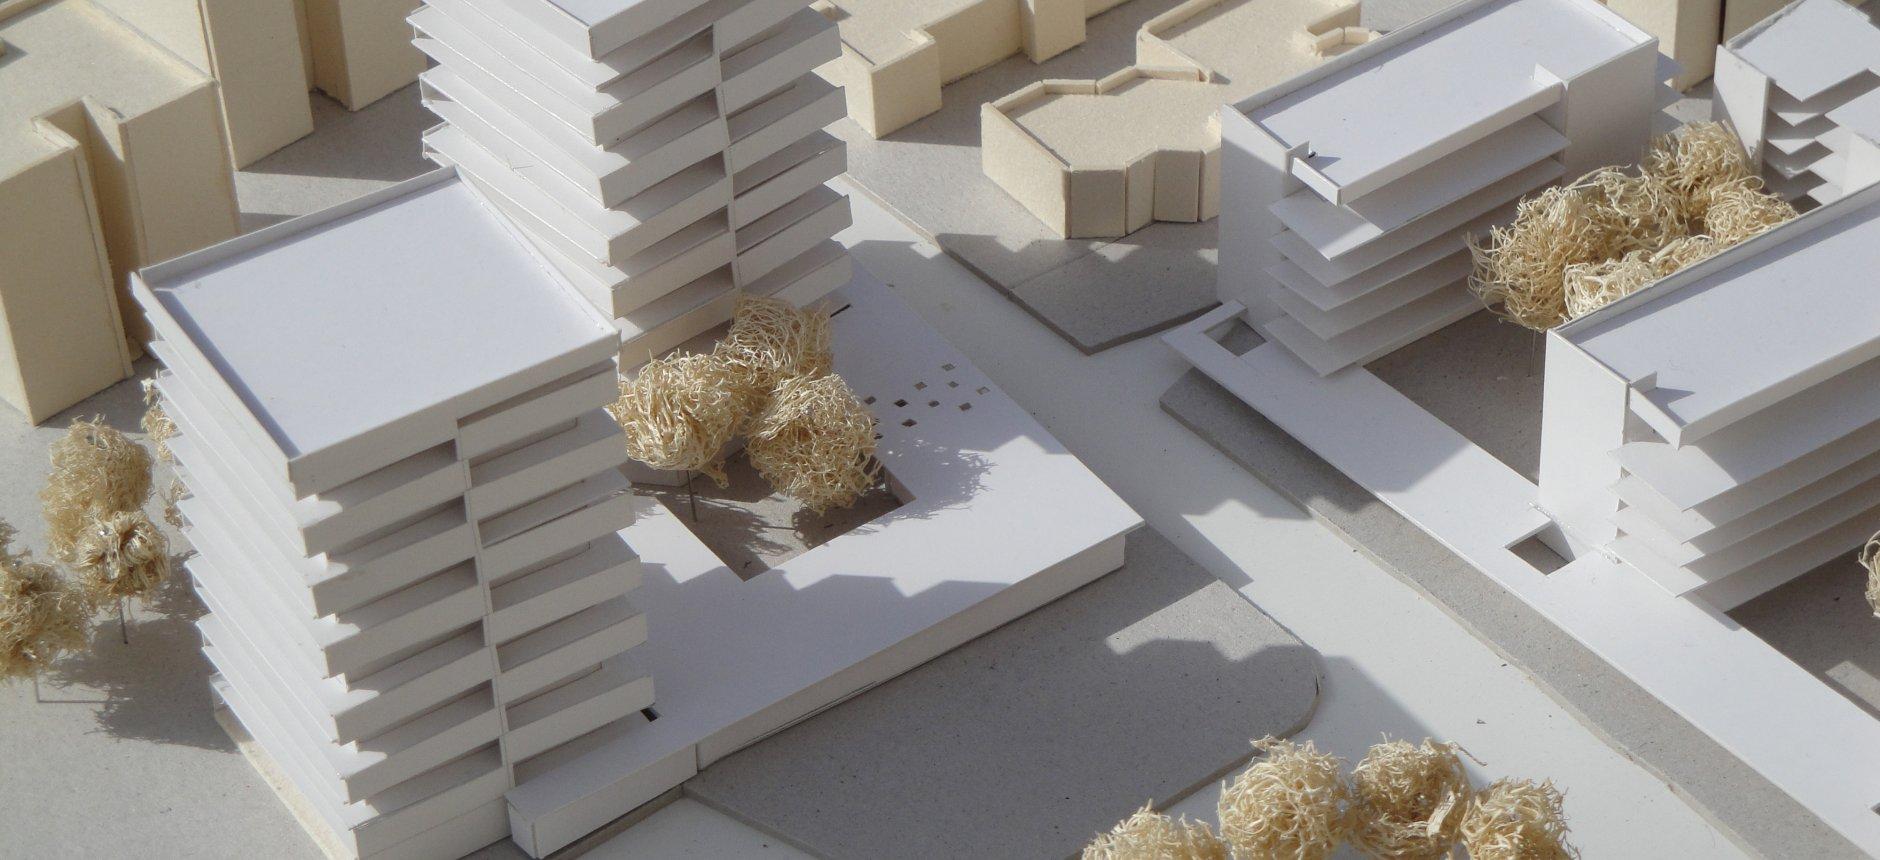 מודל להתחדשות עירונית מתחם רידינג תל אביב